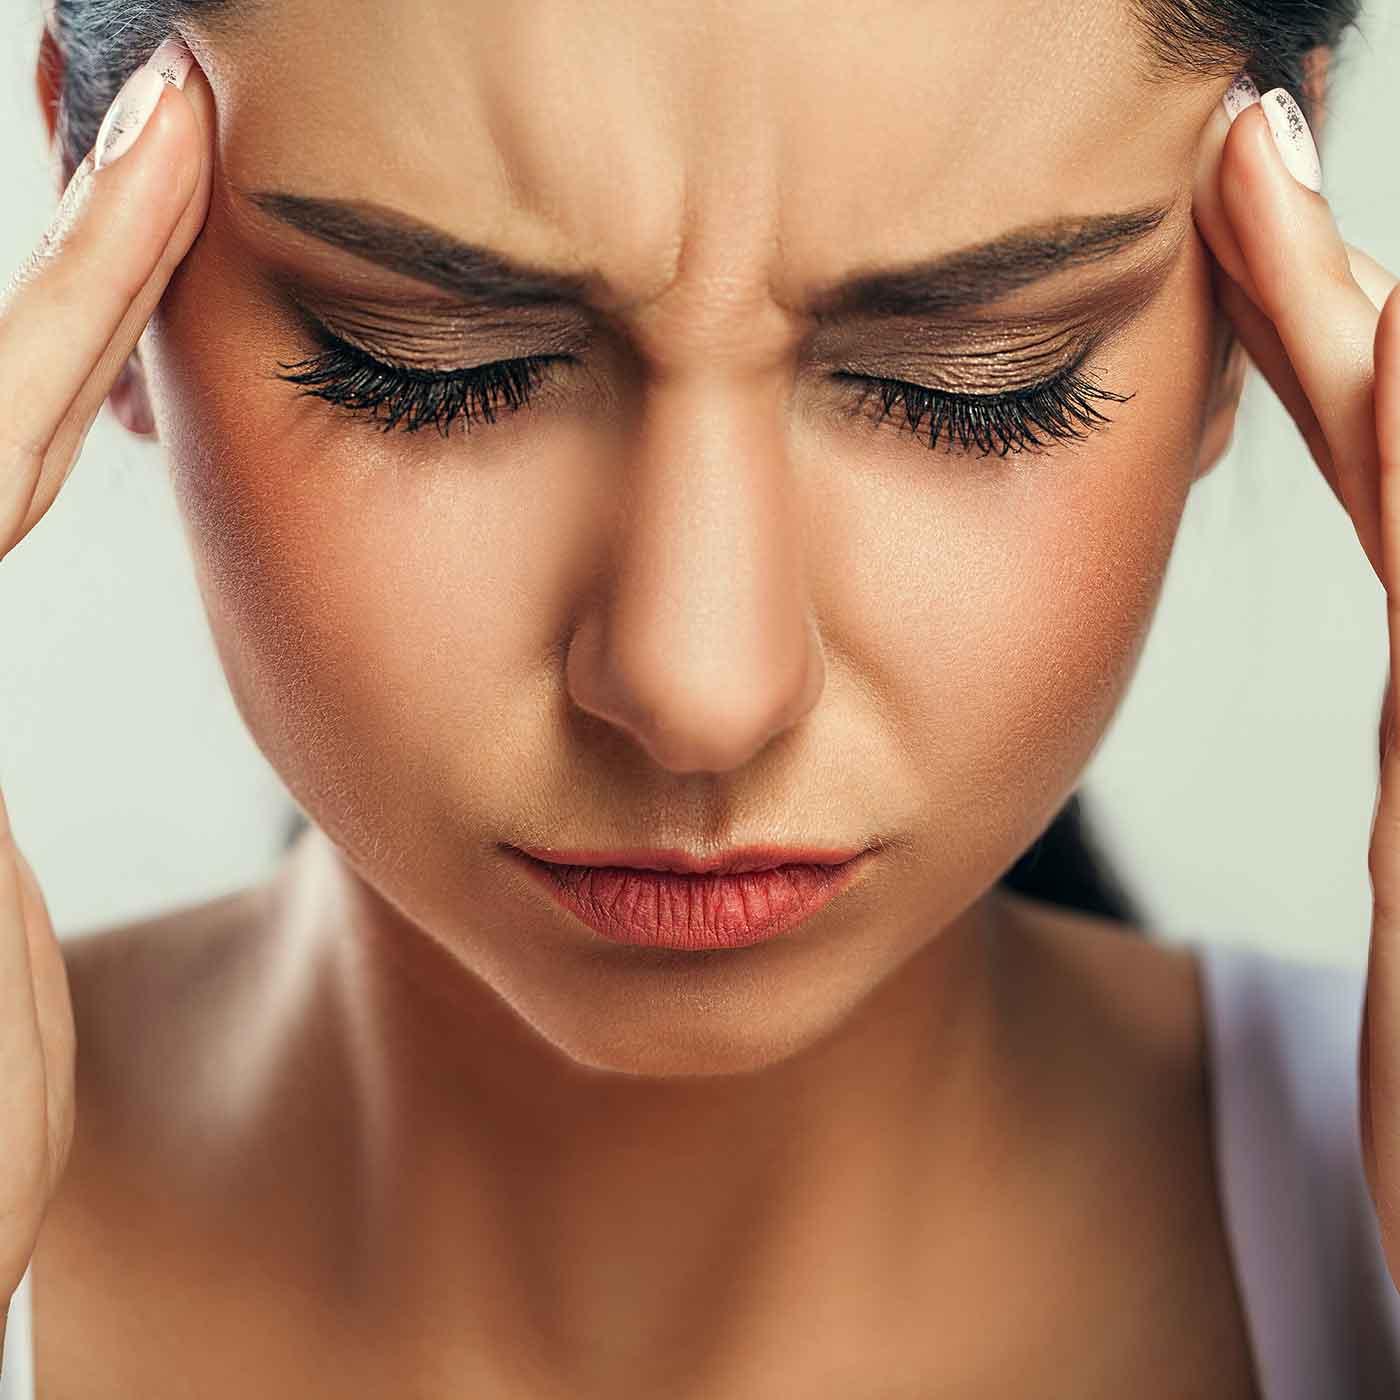 headache chiropractic services